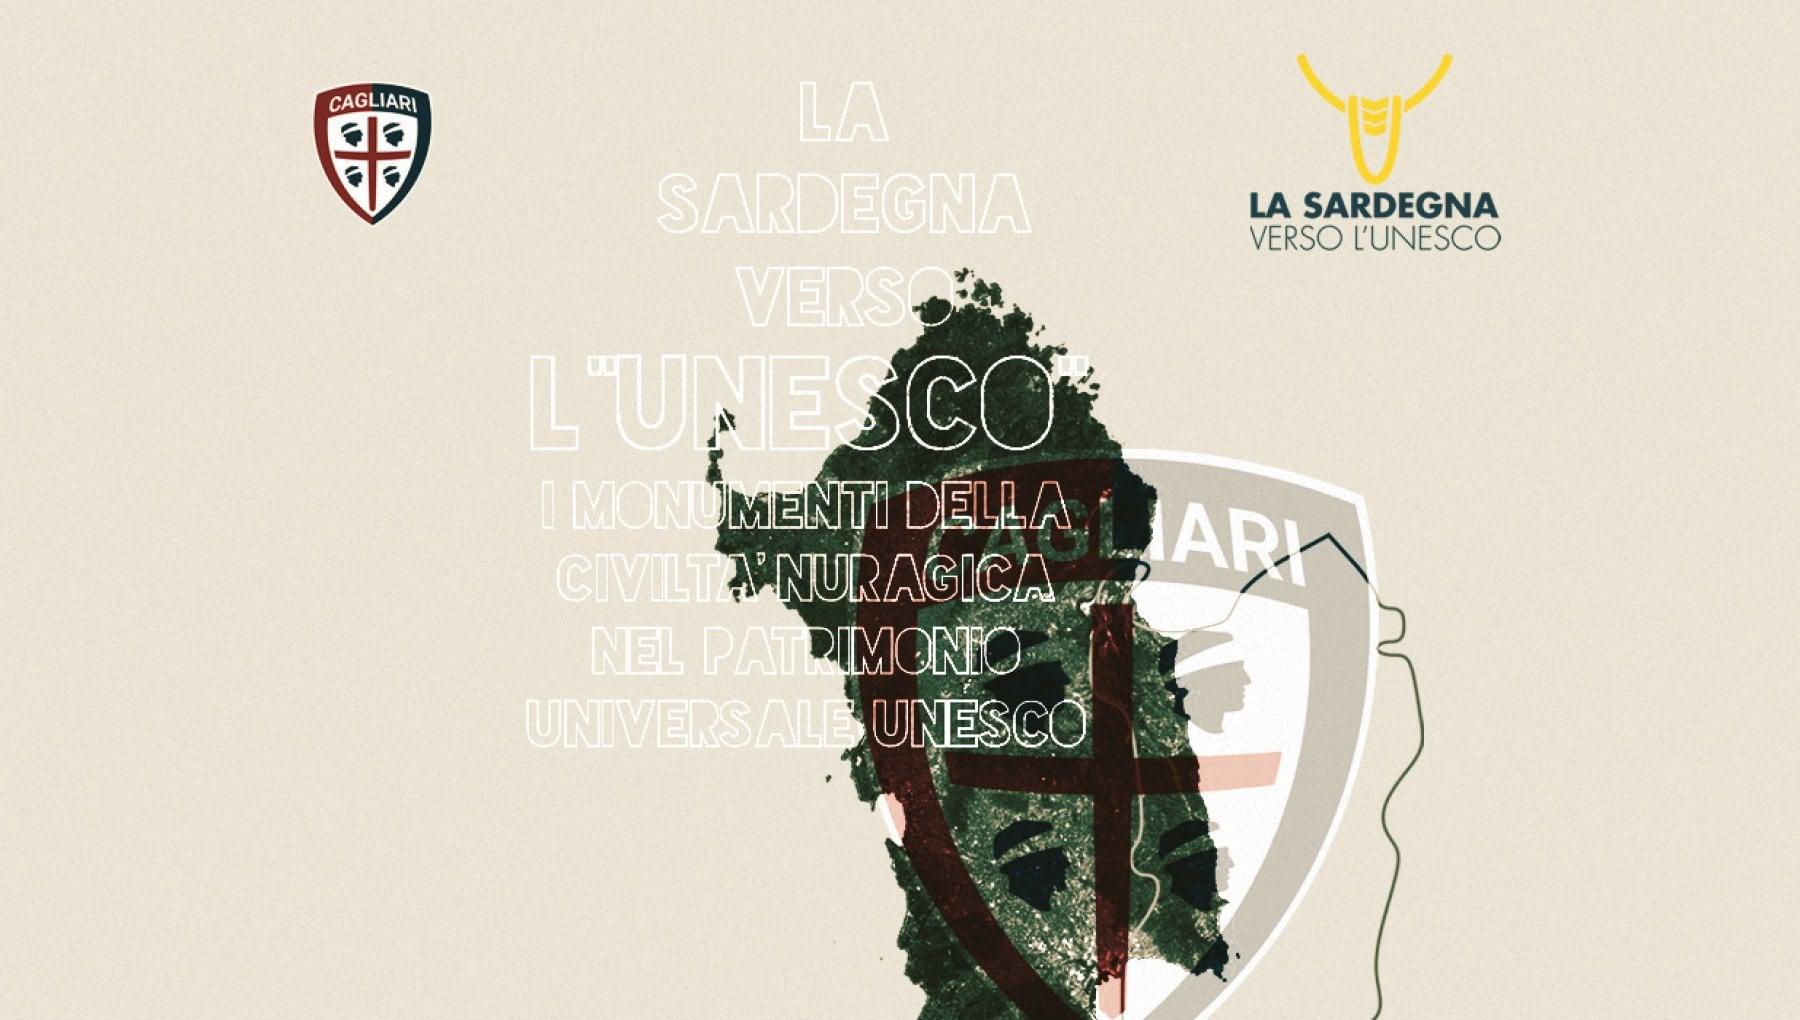 'La Sardegna verso l'Unesco', scende in campo il Cagliari: ''Valorizziamo la nostra isola''